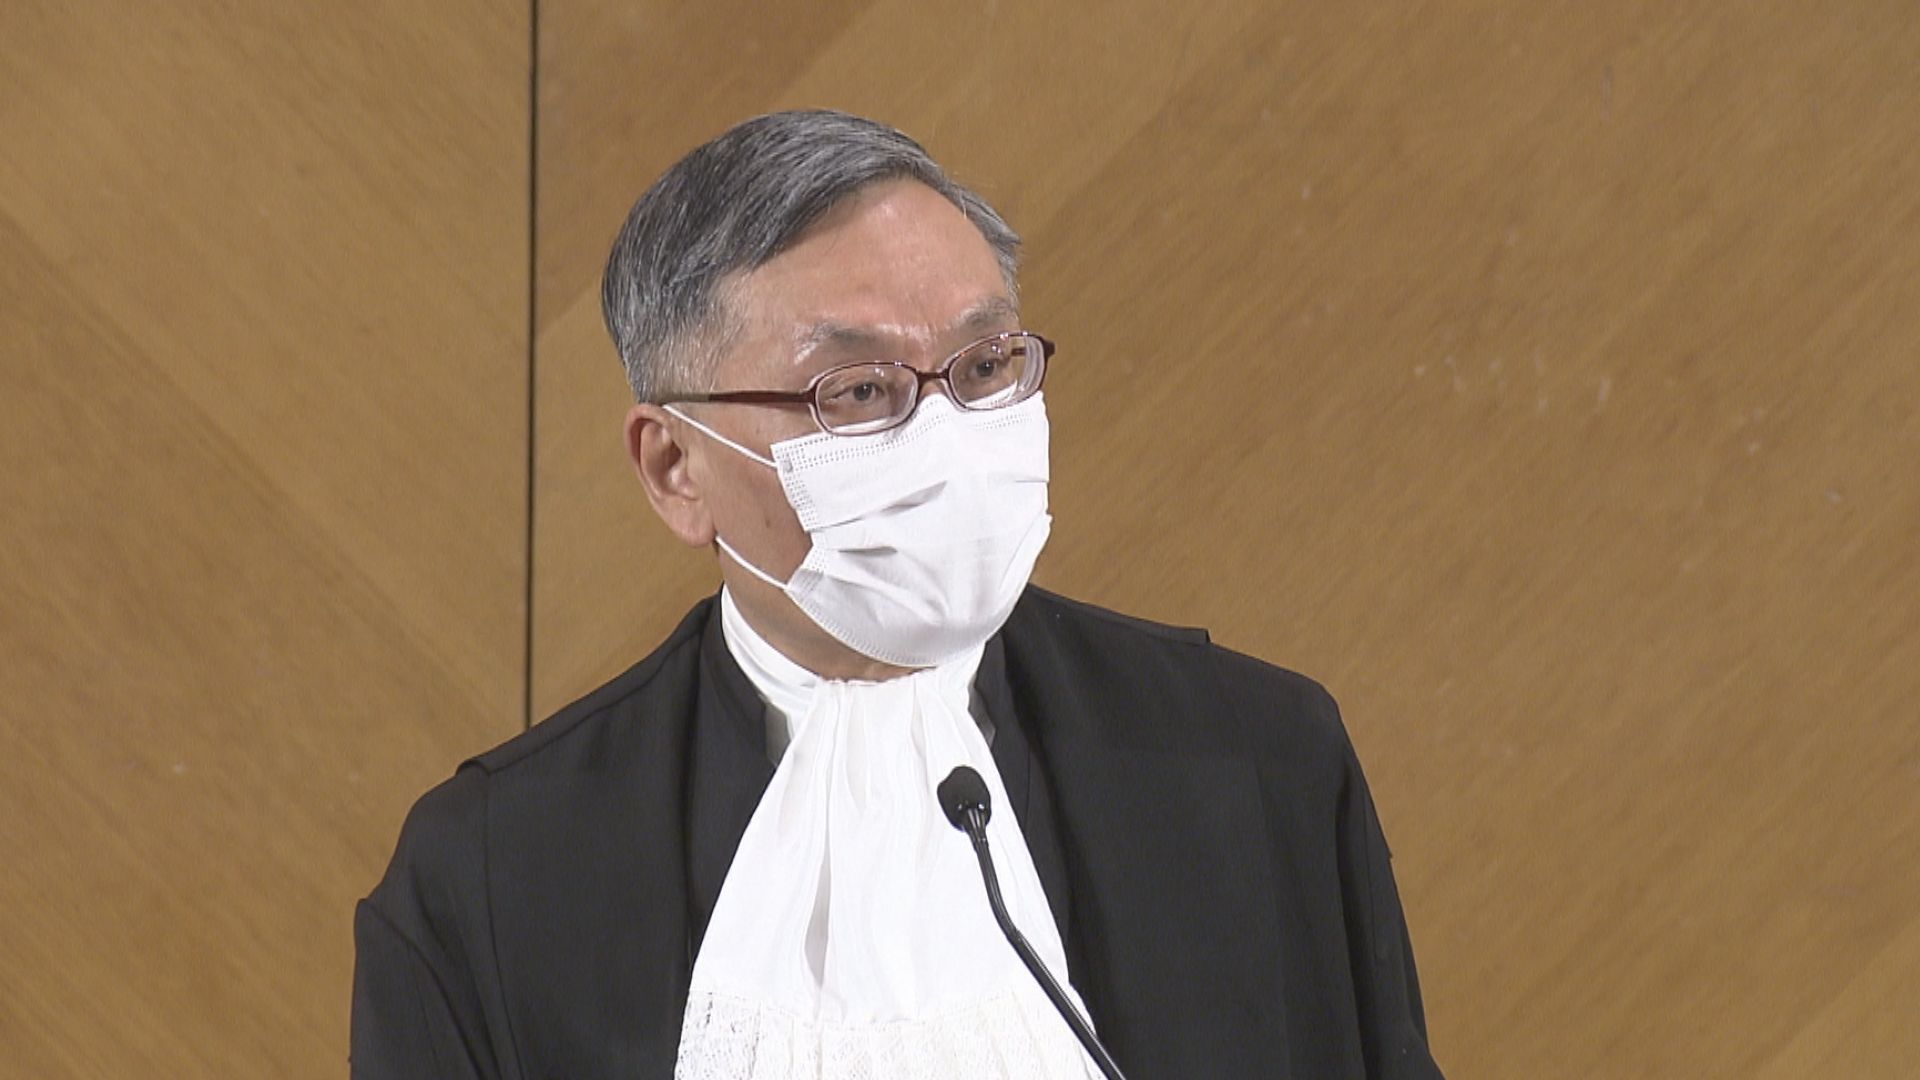 張舉能下周首訪京 將晤最高人民法院院長周強